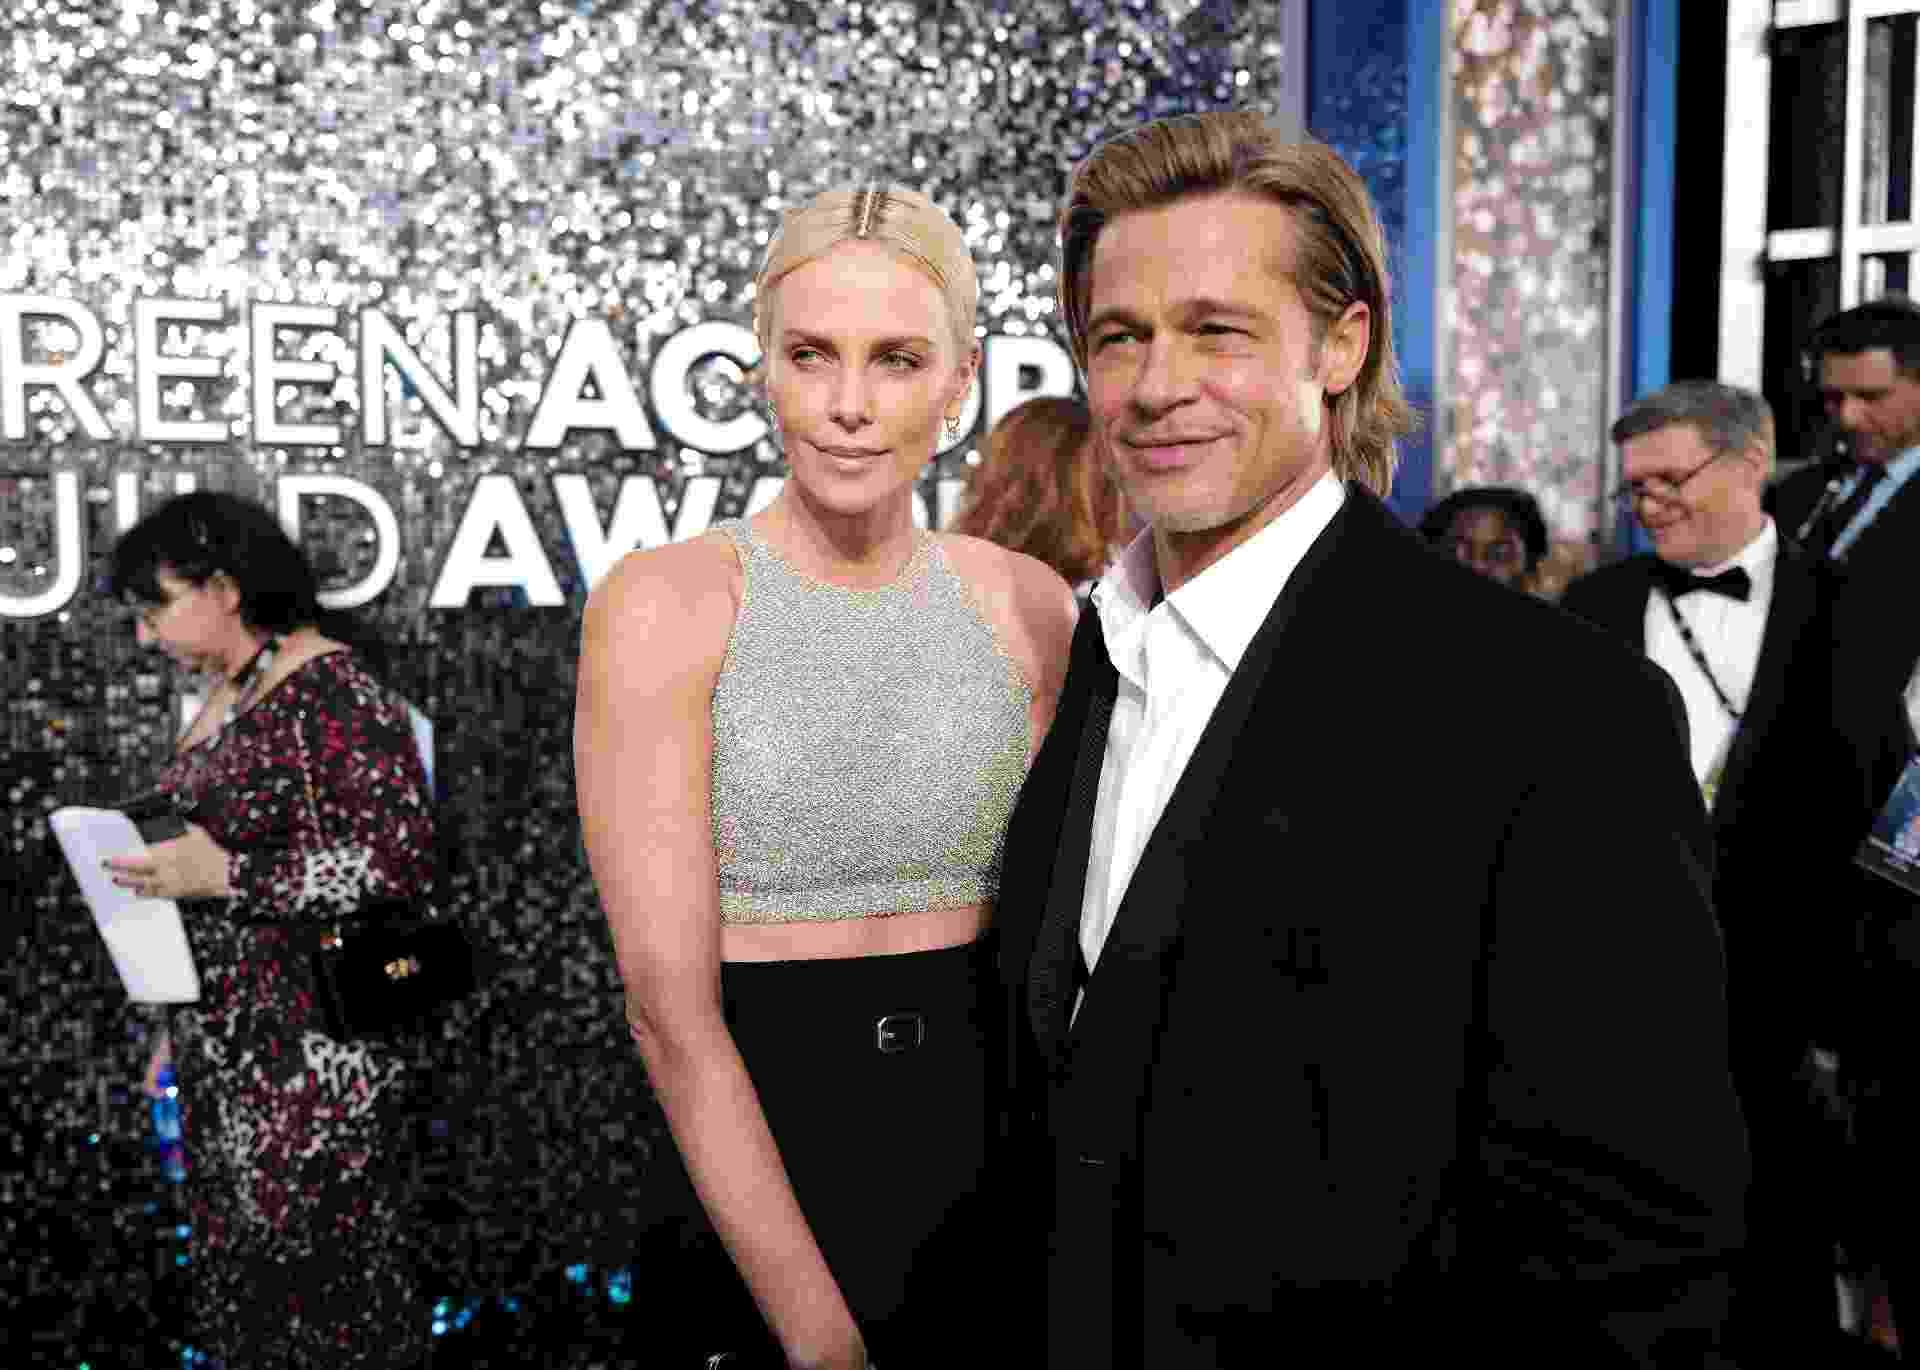 A definição de tanto faz: Charlize Theron e Brad Pitt posam no tapete vermelho - John Shearer/Getty Images